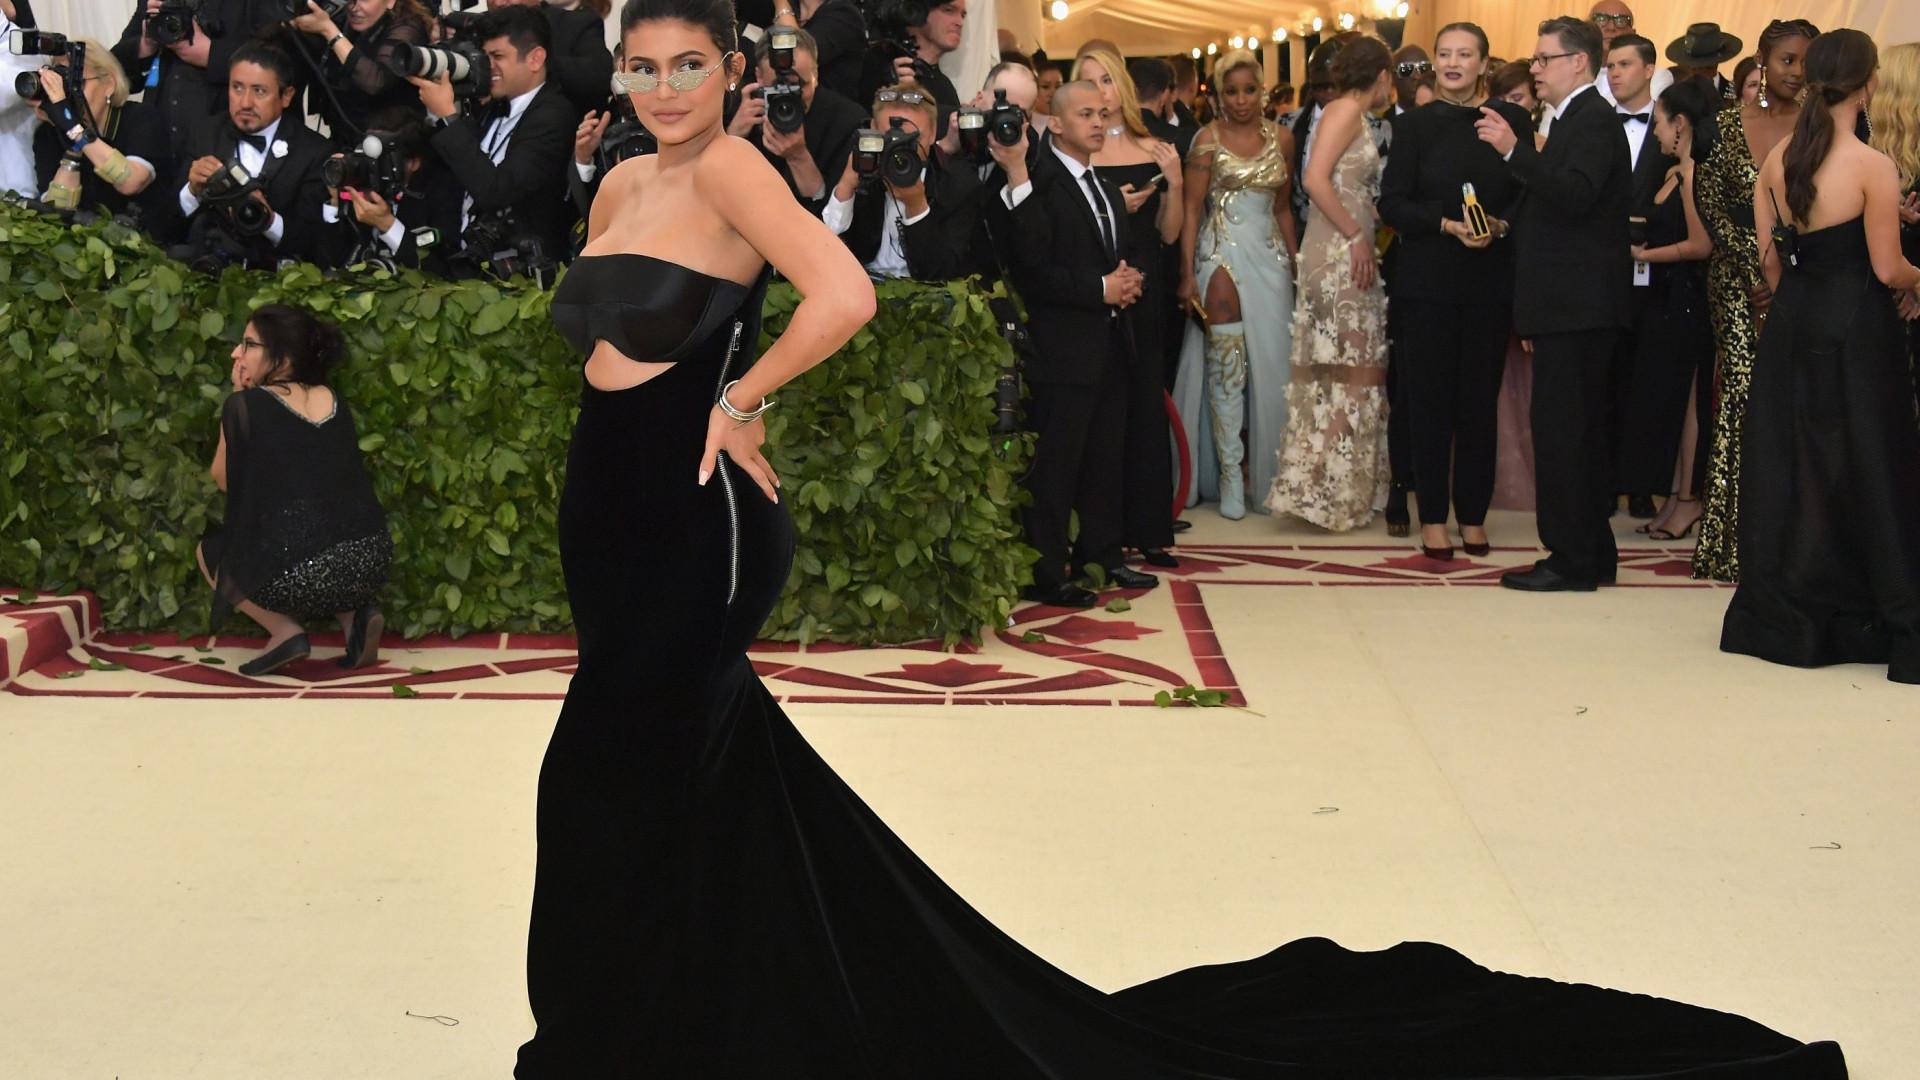 Kylie Jenner posa ao lado da filha e antecipa celebração do aniversário